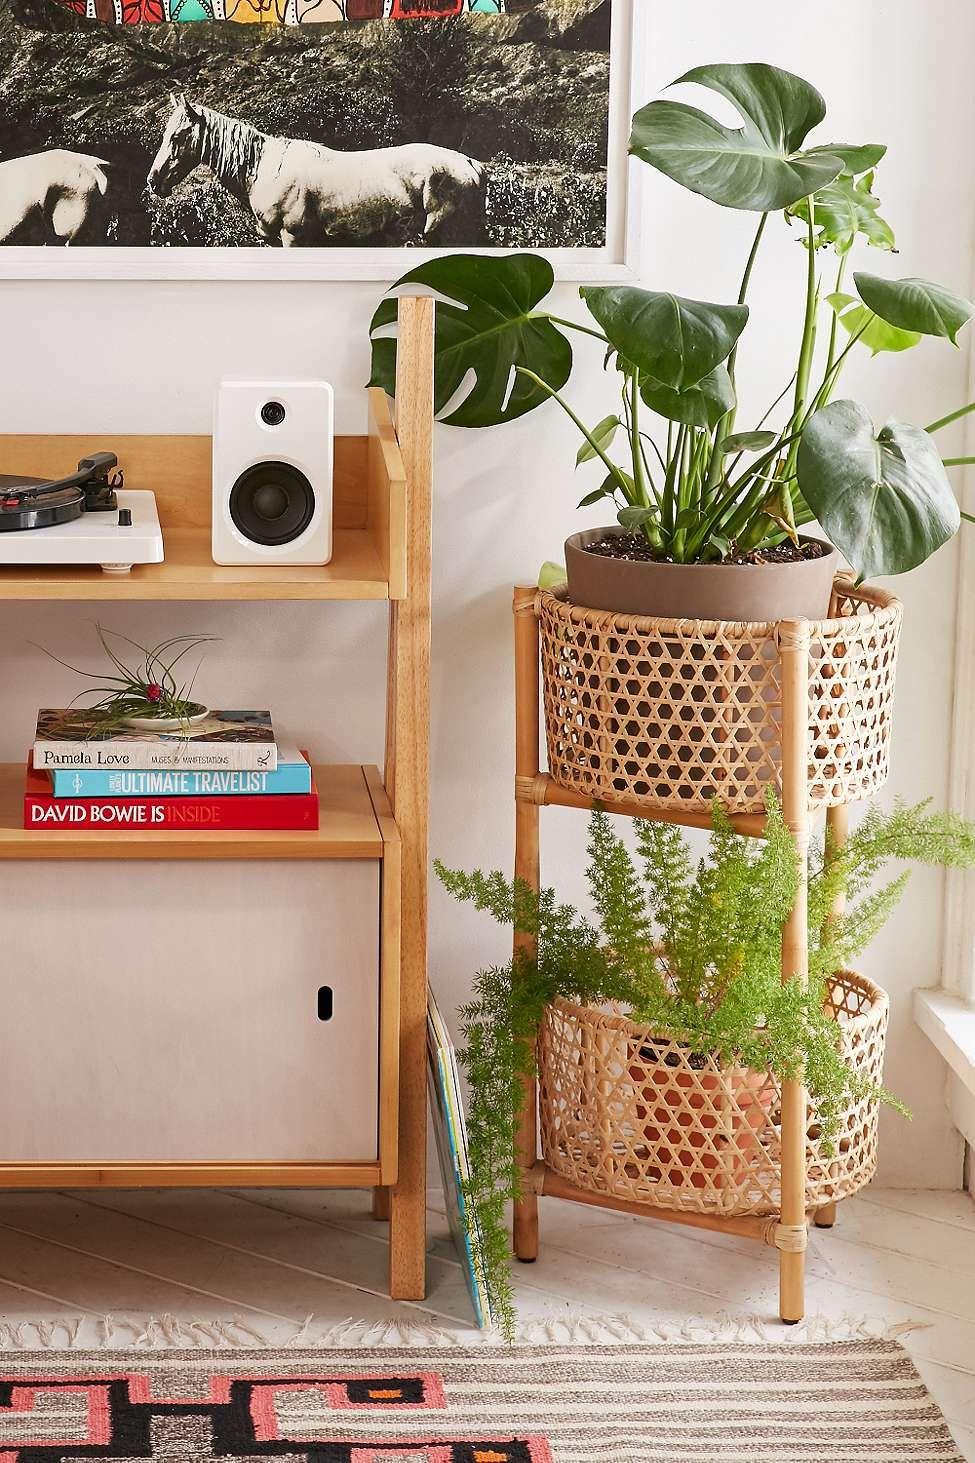 zweistufiges regal aus rattan spontane fundst cke pinterest rattan wohnen und regal. Black Bedroom Furniture Sets. Home Design Ideas